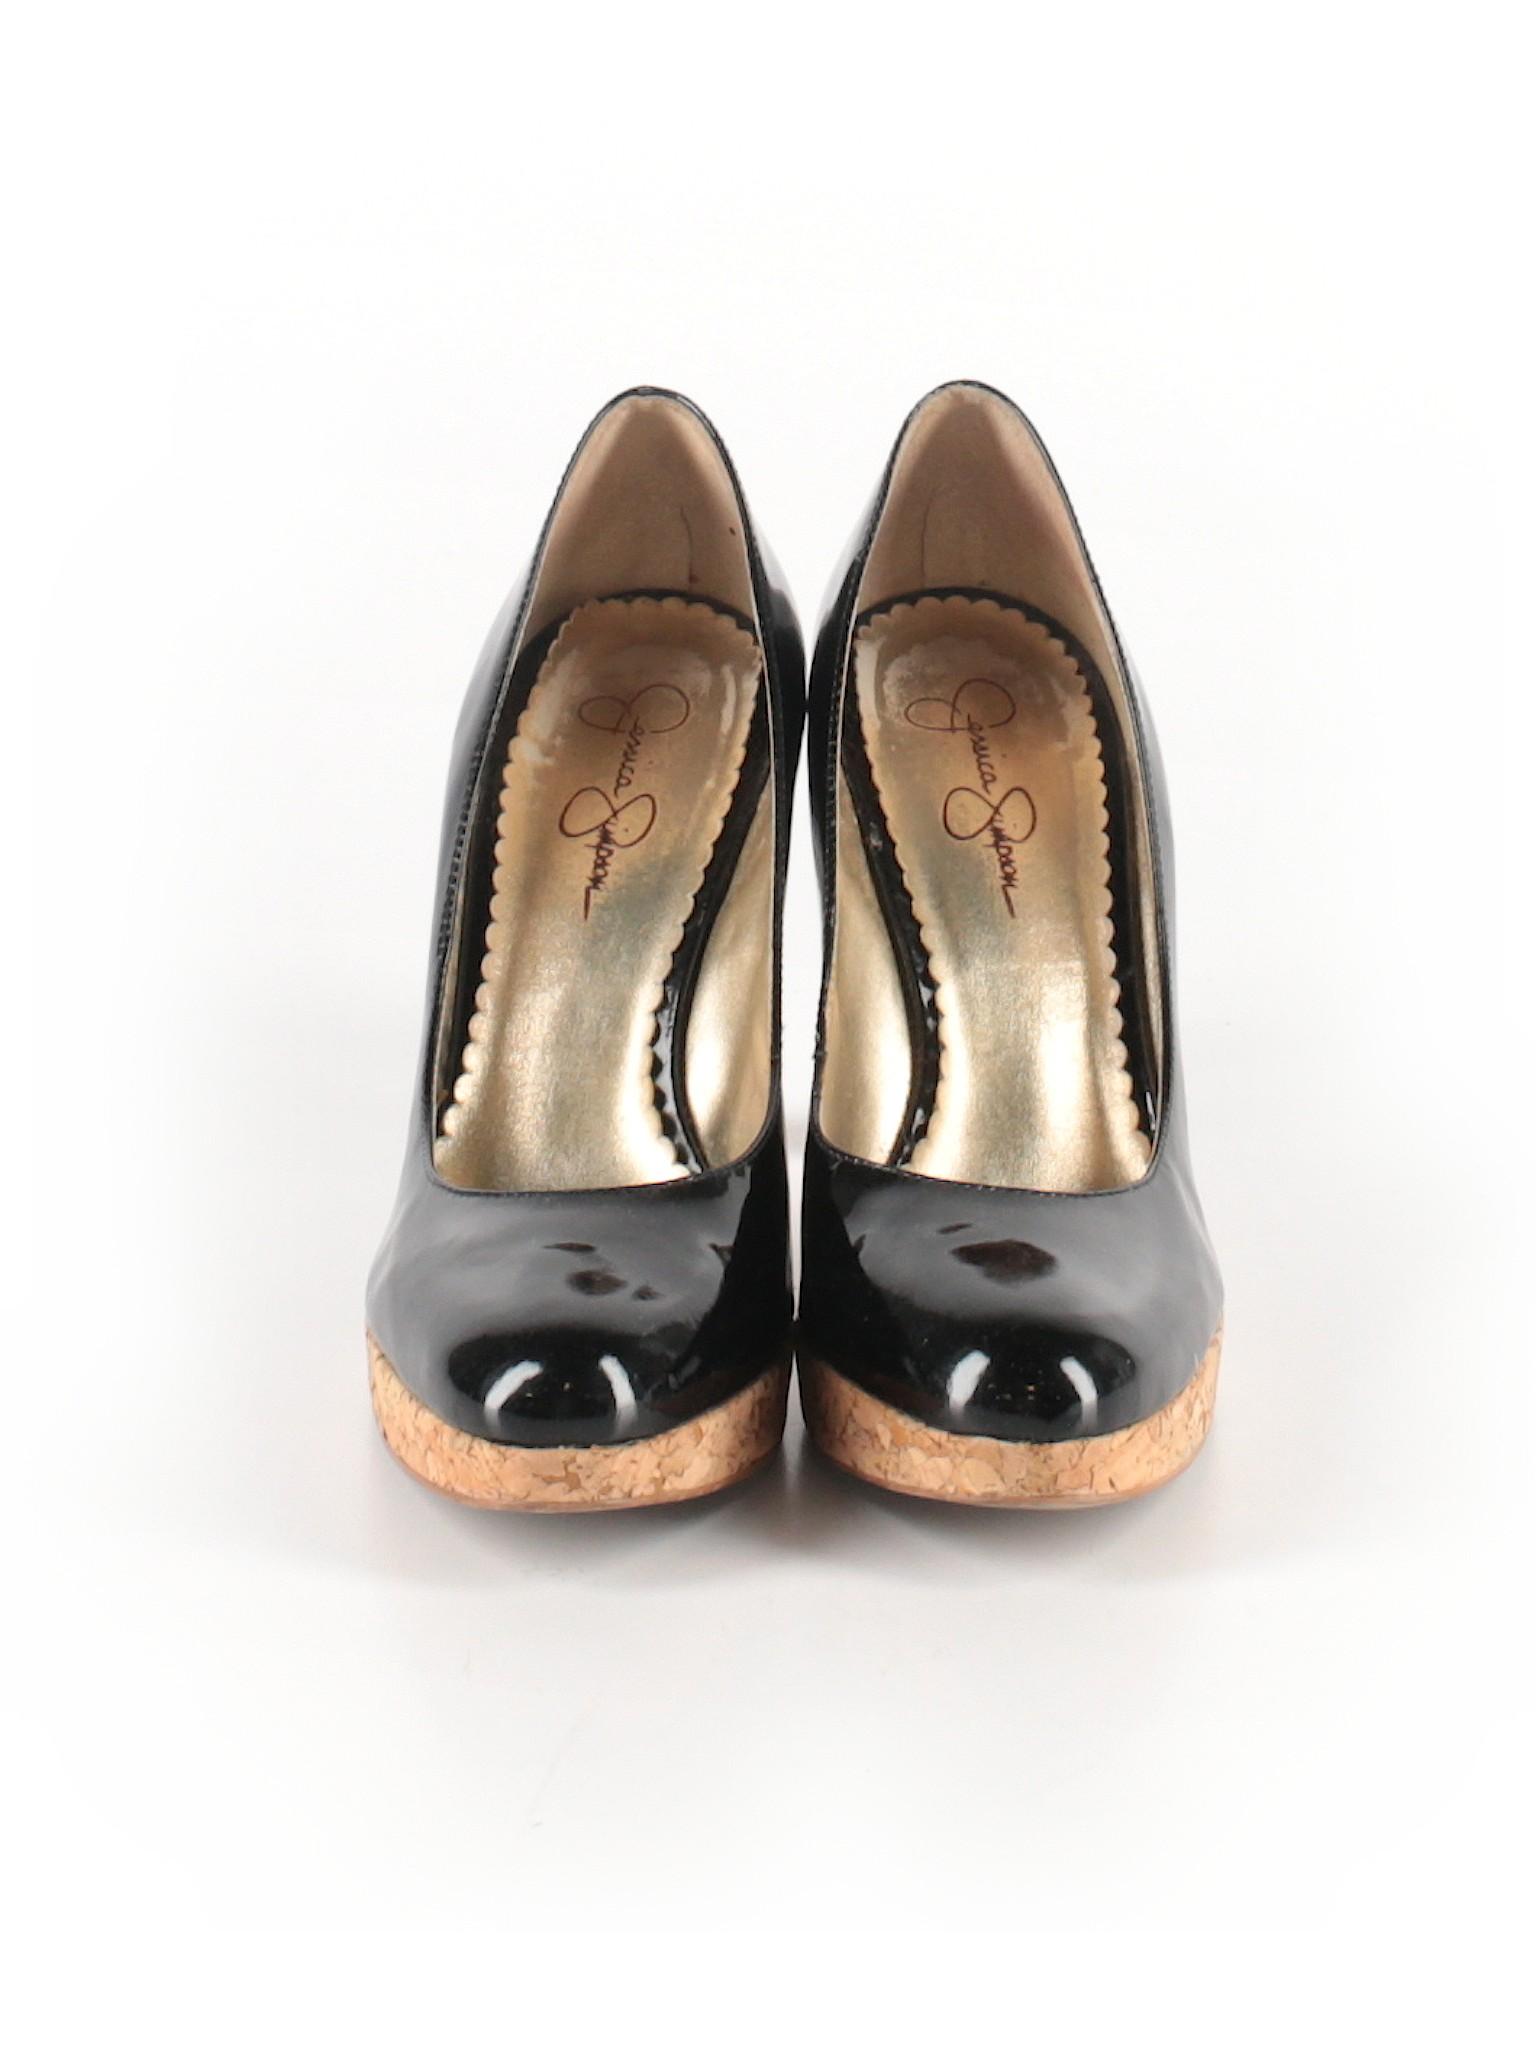 Boutique promotion promotion Jessica Simpson Jessica Simpson Heels Boutique gaPww1q